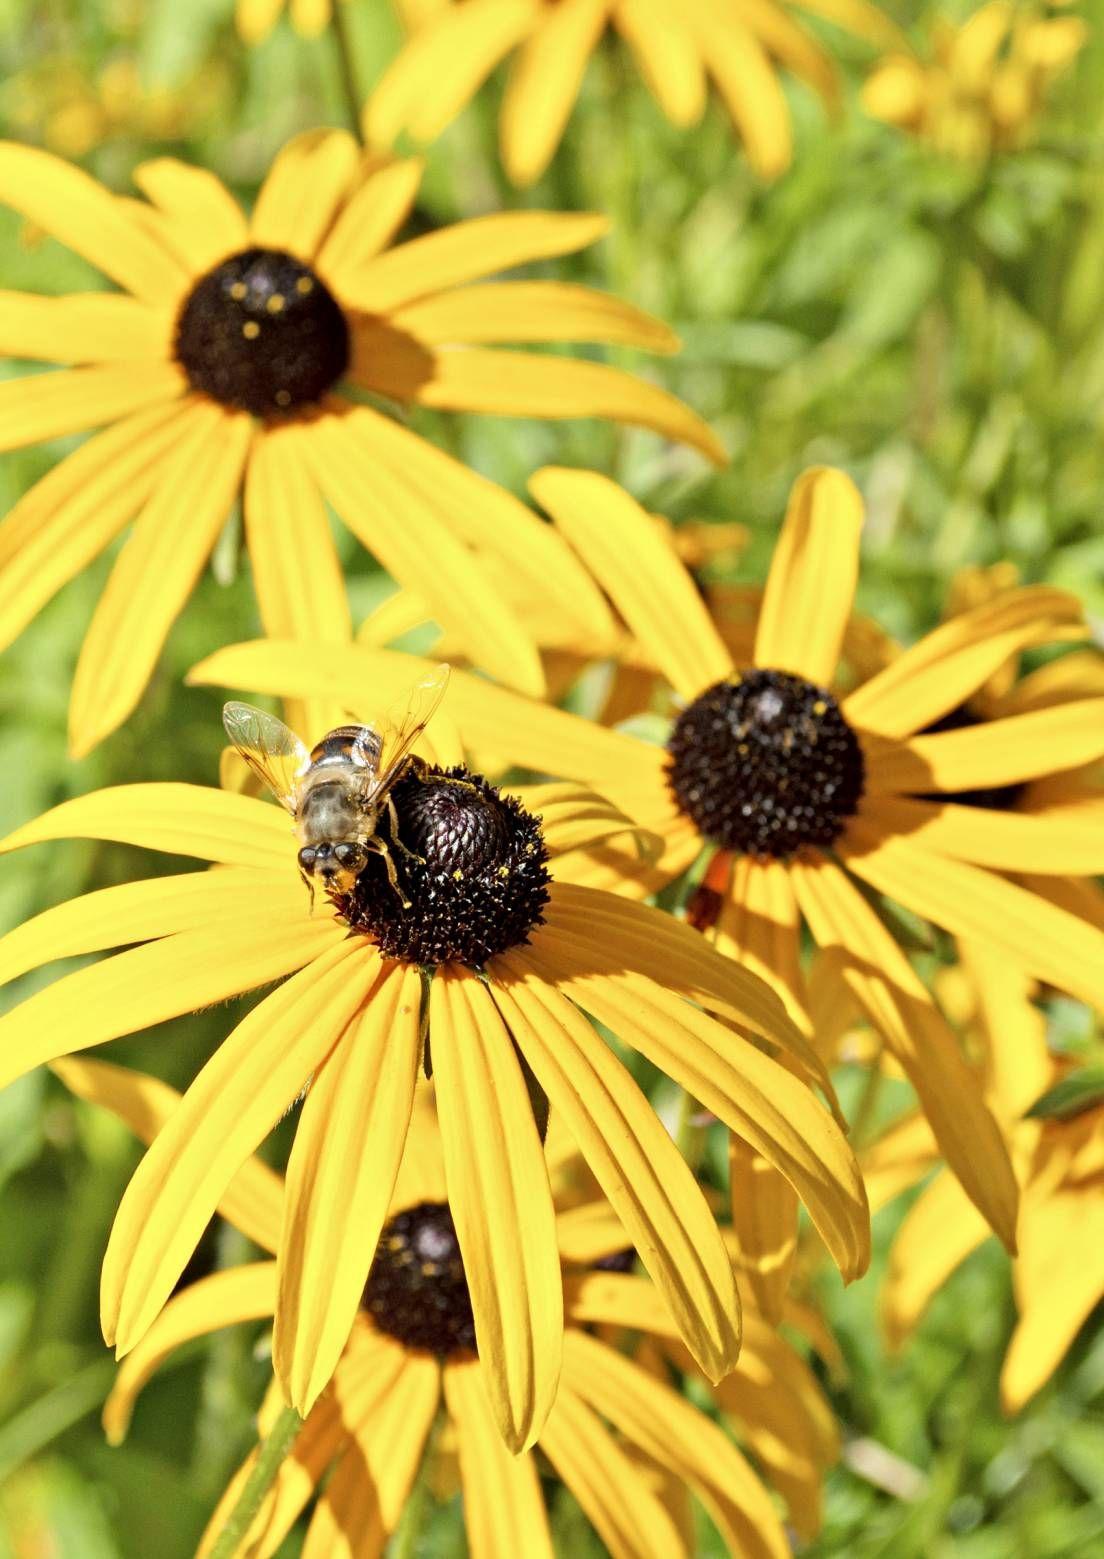 Houkuttele pölyttäjiä näillä kasveilla | Meillä kotona > Sädepäivänhattu